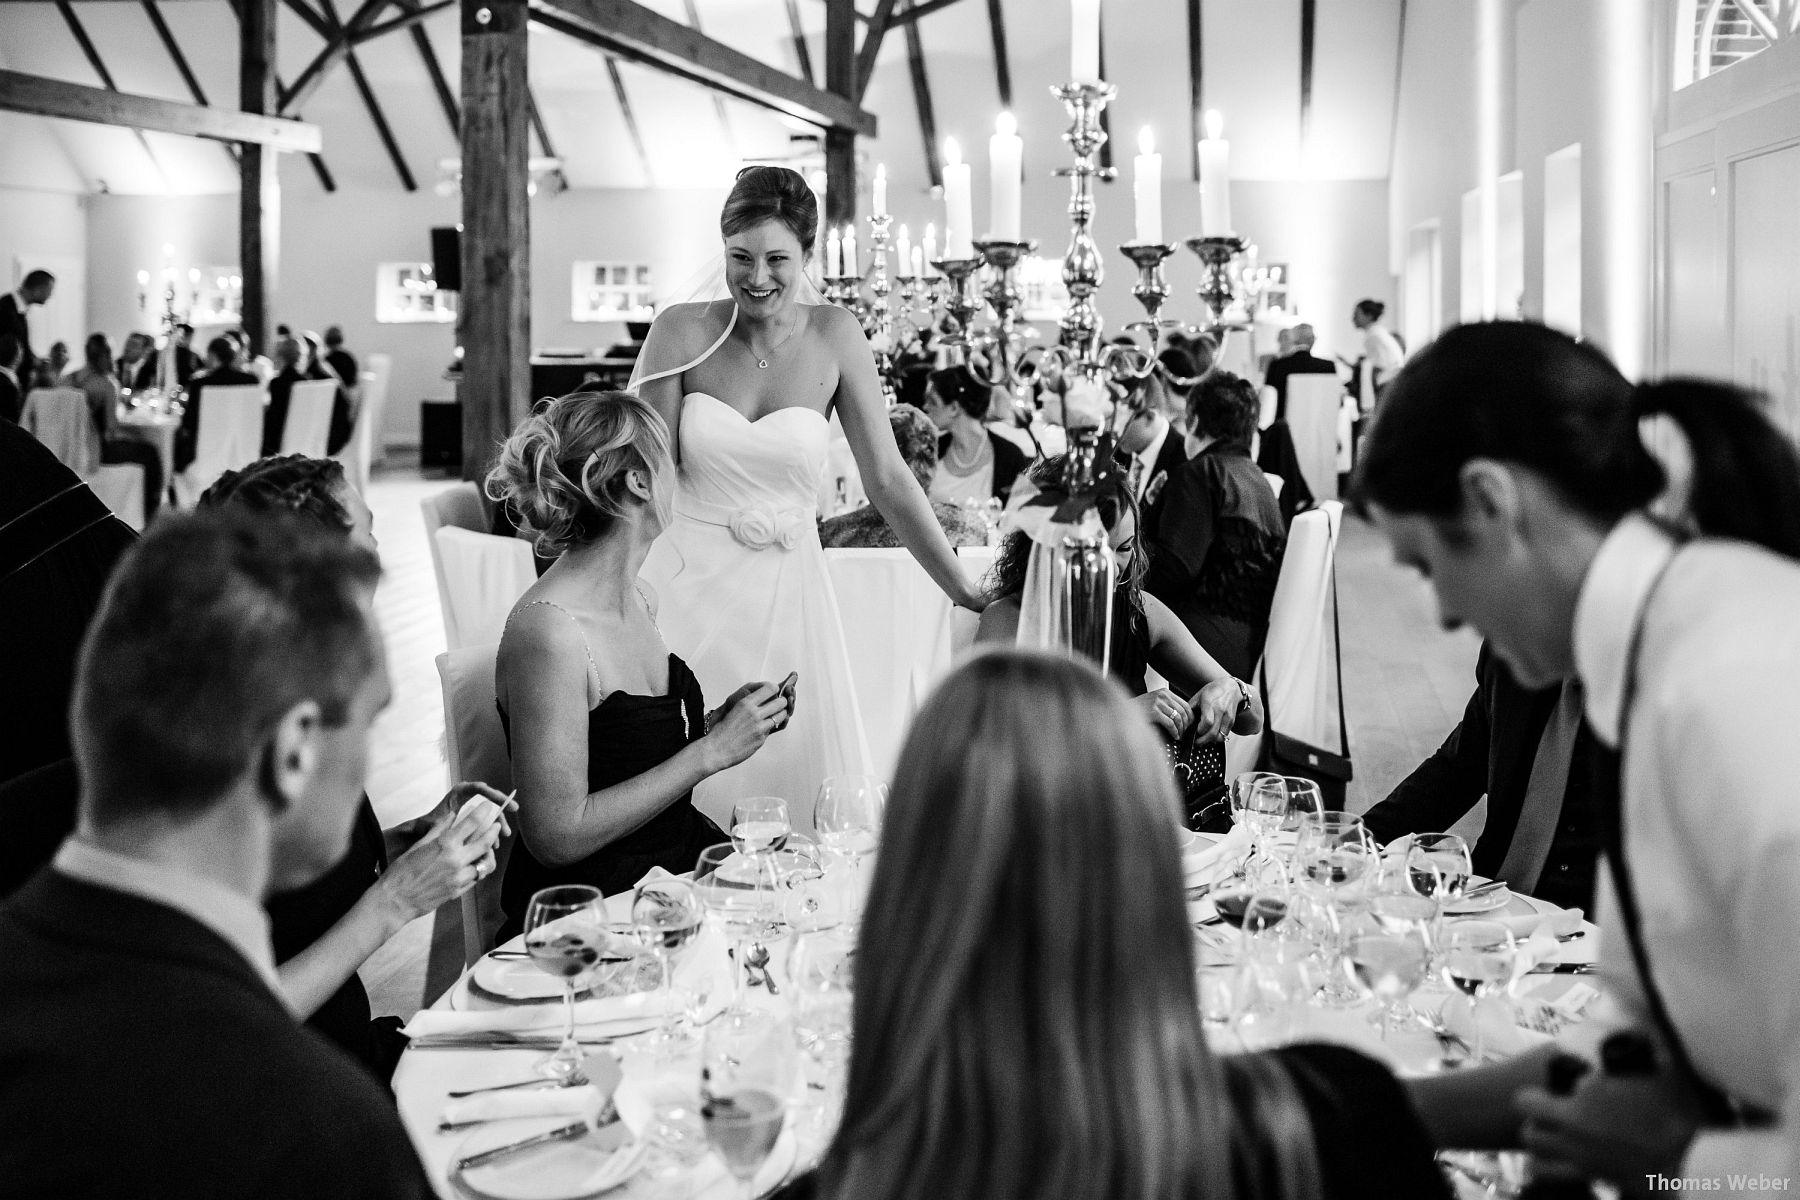 Hochzeitsfotograf Rastede: Kirchliche Trauung in der St. Ulrichs Kirche Rastede und Hochzeitsfeier in der Eventscheune St Georg Rastede mit dem Catering von Michael Niebuhr aus Oldenburg (48)